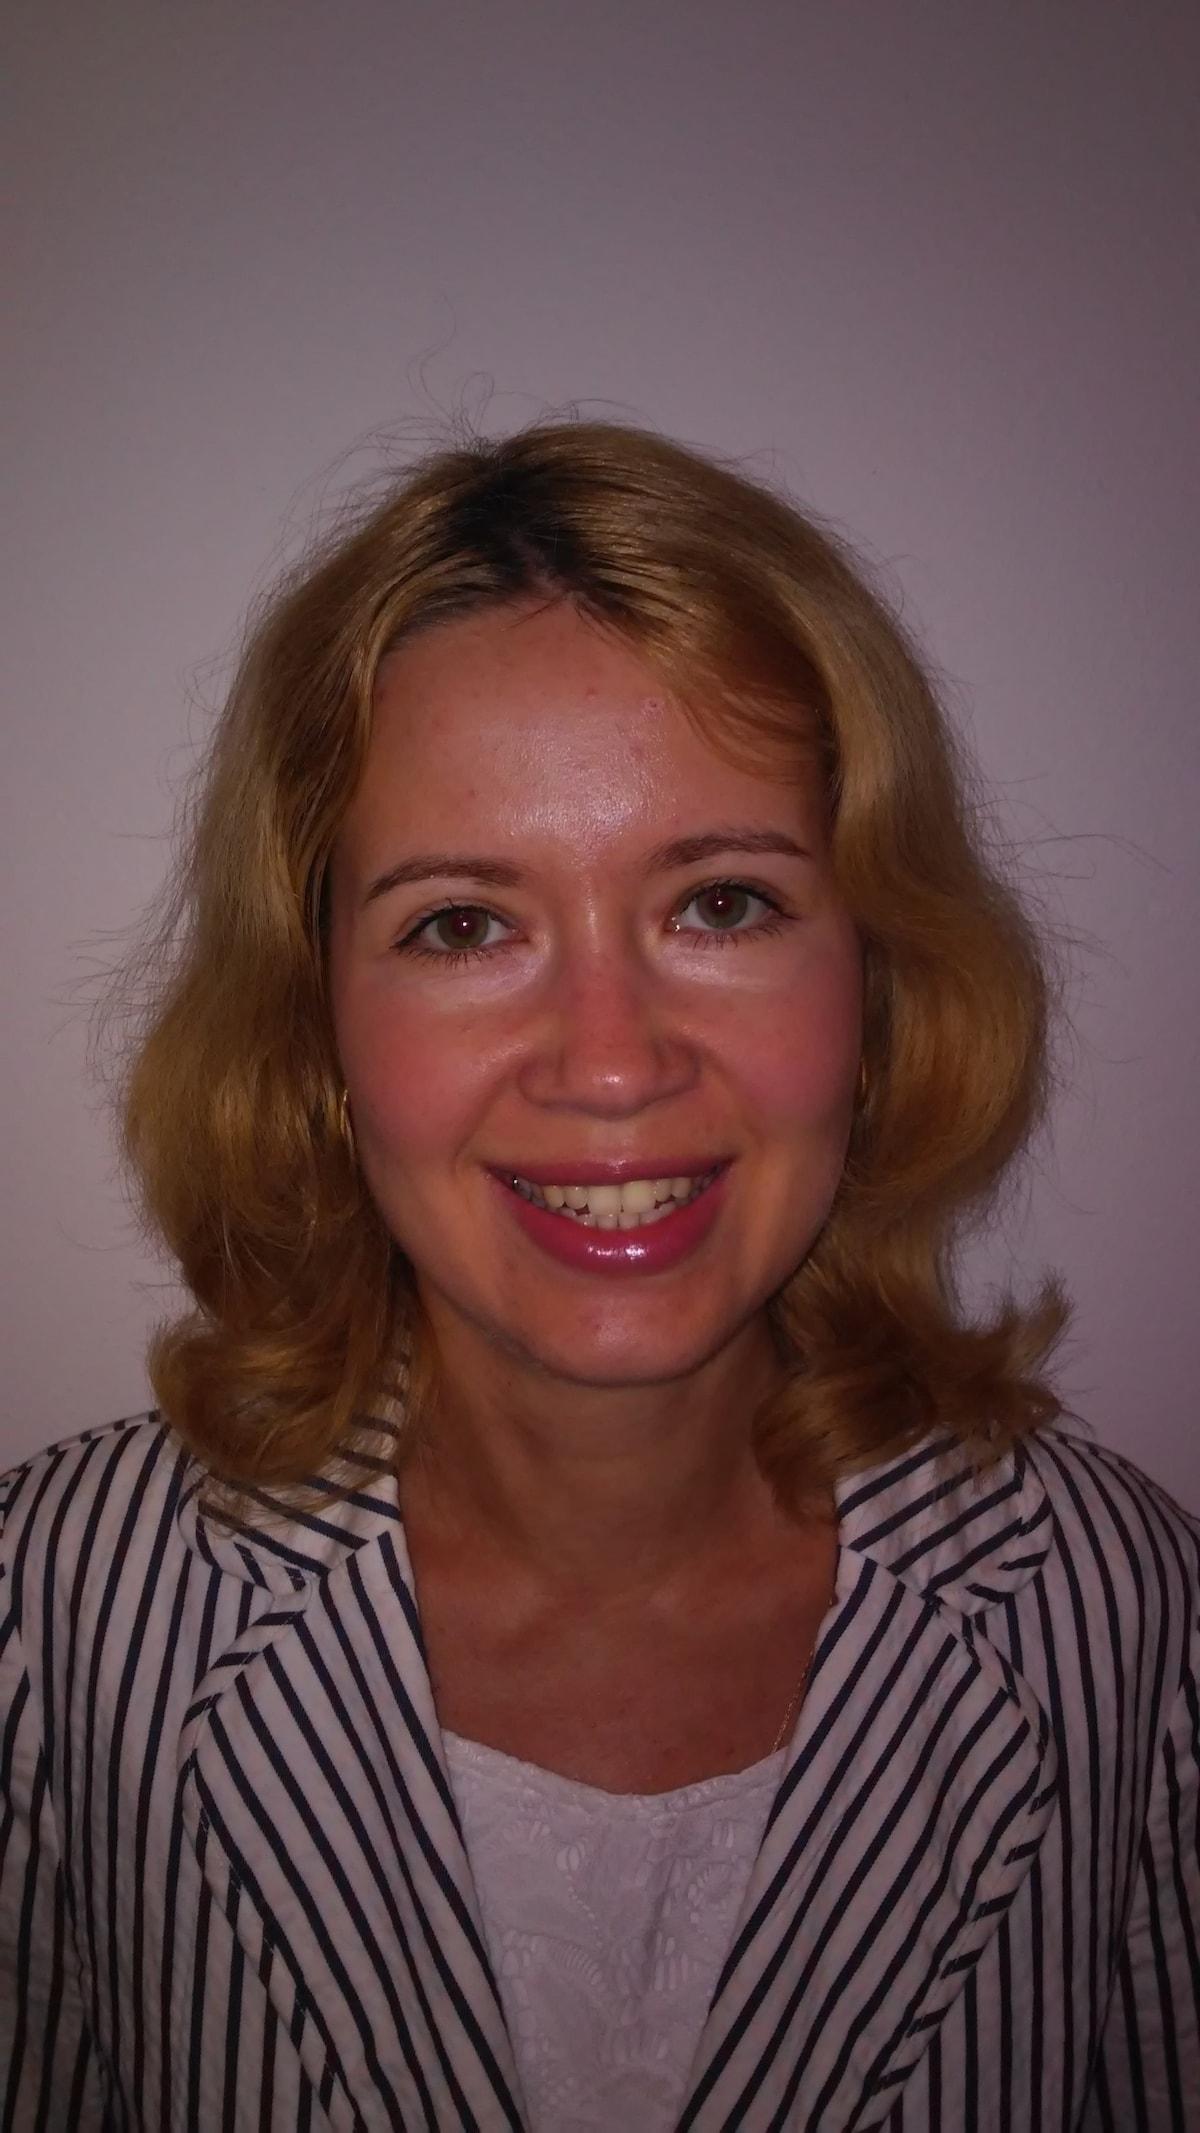 Мария from Karlovy Vary